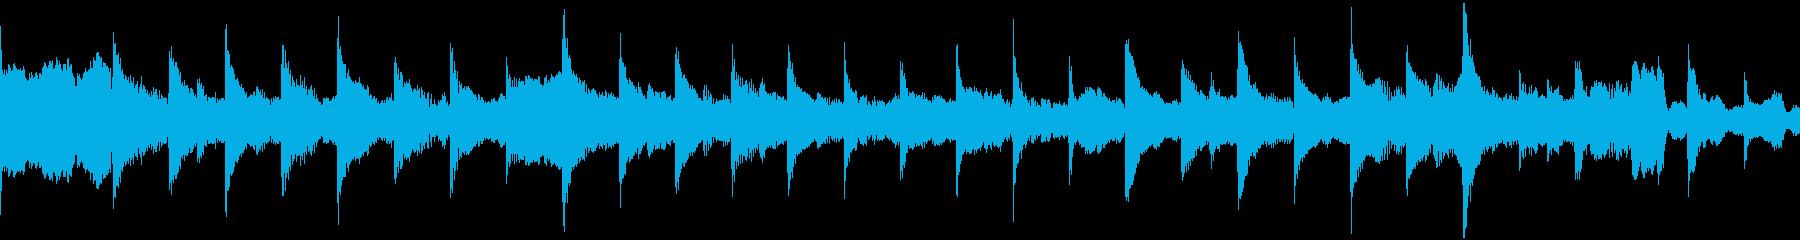 ループ仕様SF精霊召喚風BGMの再生済みの波形